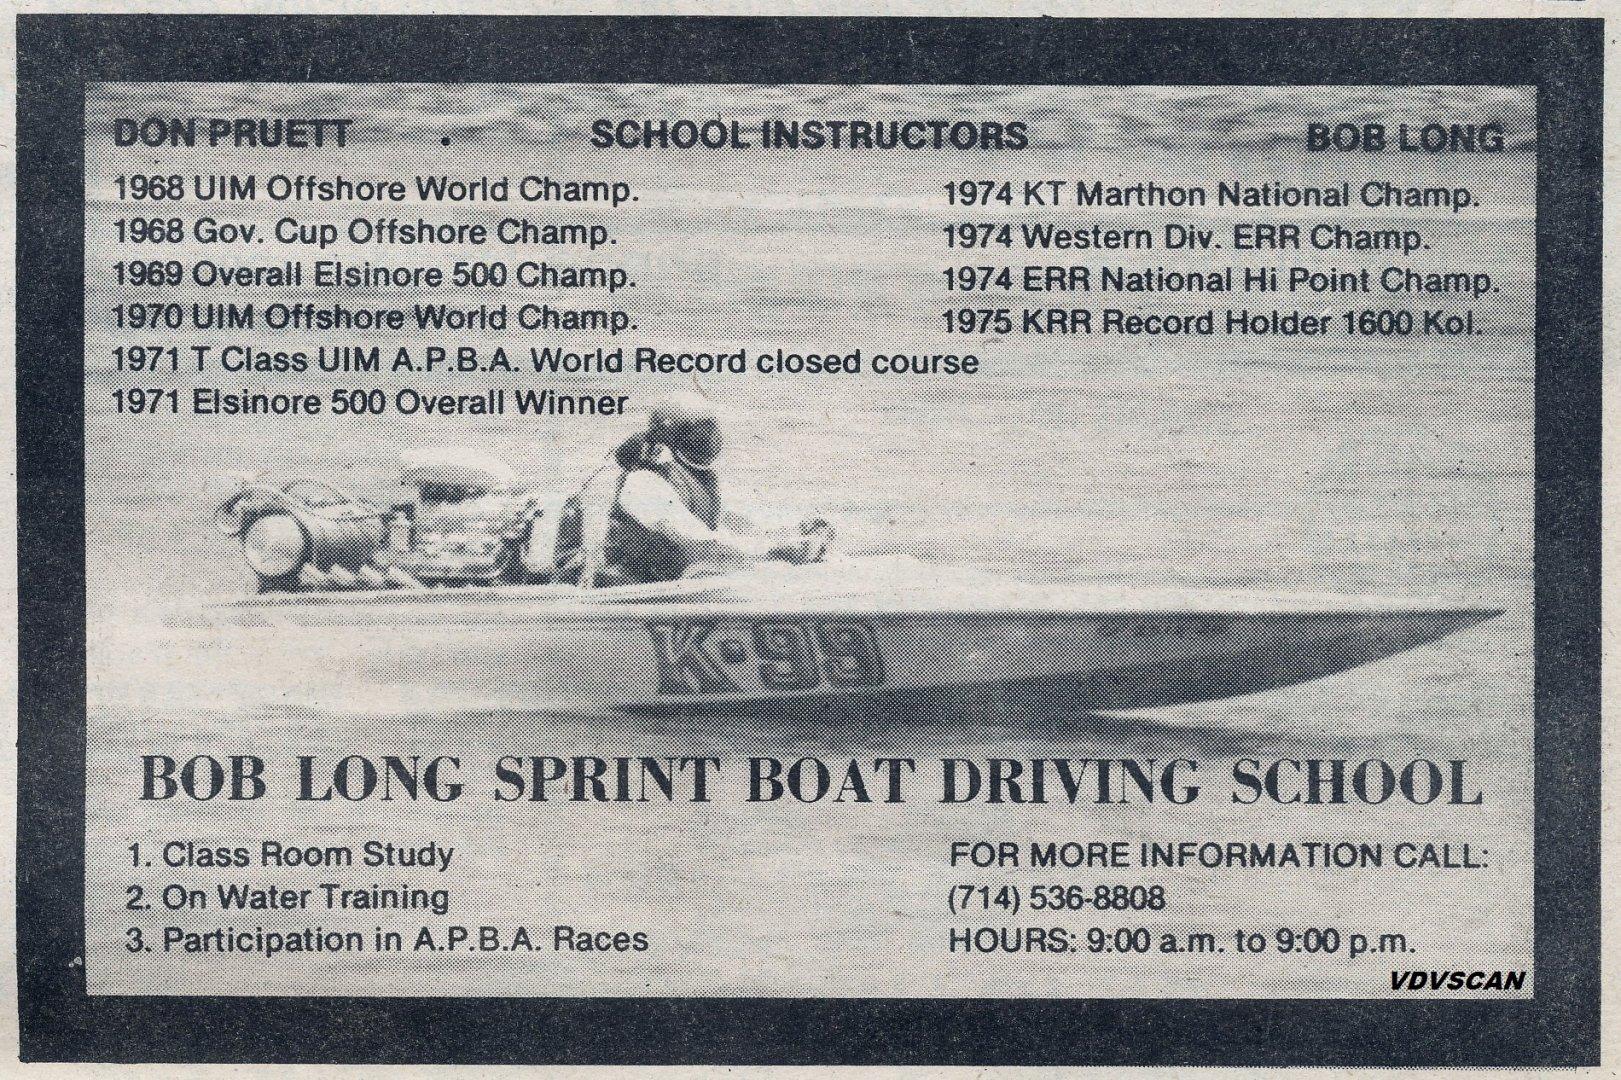 K boat driving school76EnH.jpg